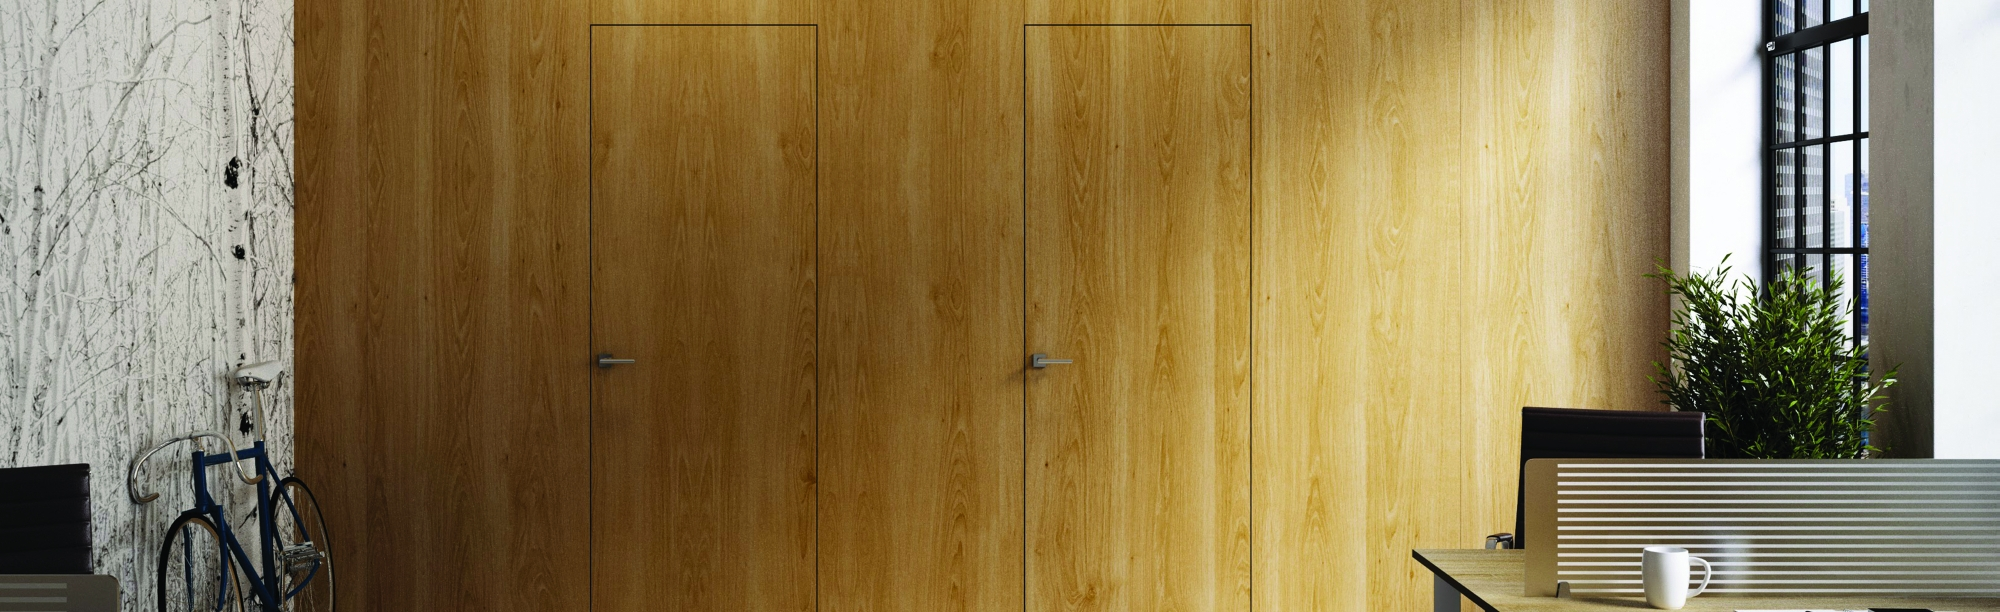 Falburkolatok és integrált ajtók